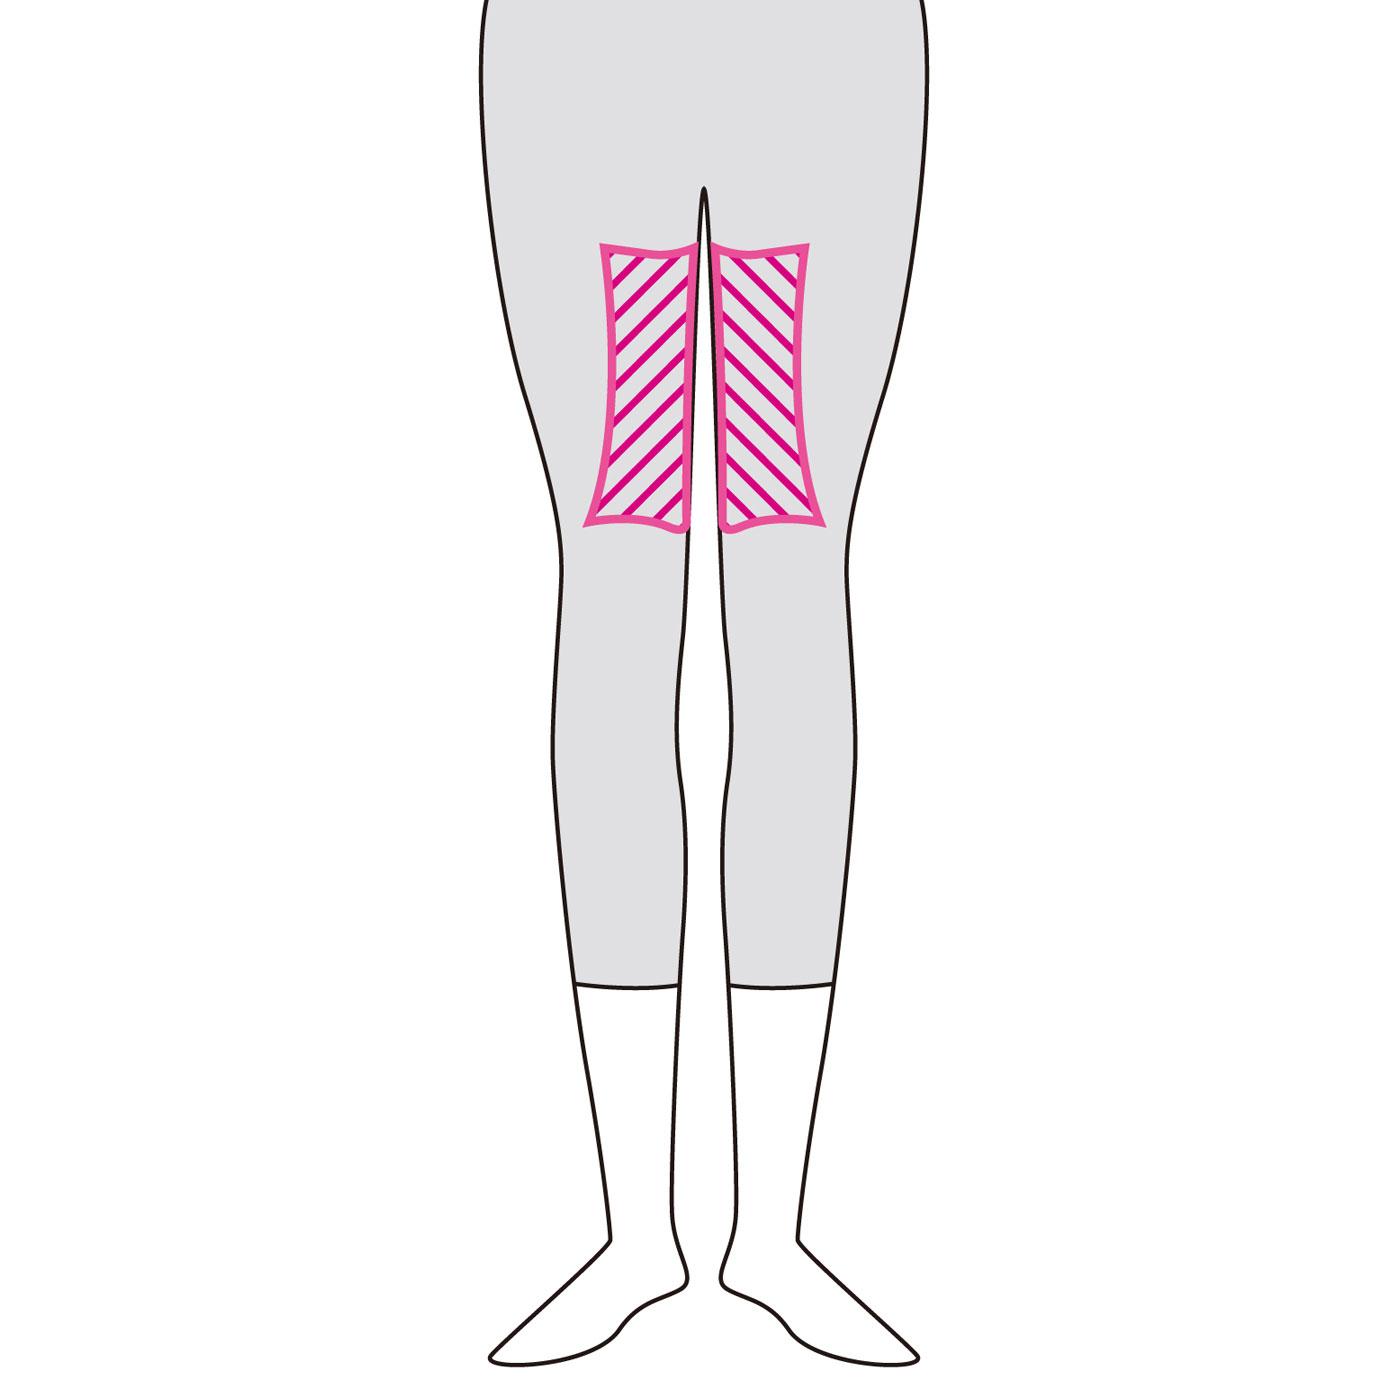 太もも内側の特殊な編み地が、歩くたびに適度な圧力をかけます。ほどよい圧迫感が心地よく、すいすい歩けるスムーズなはき心地。